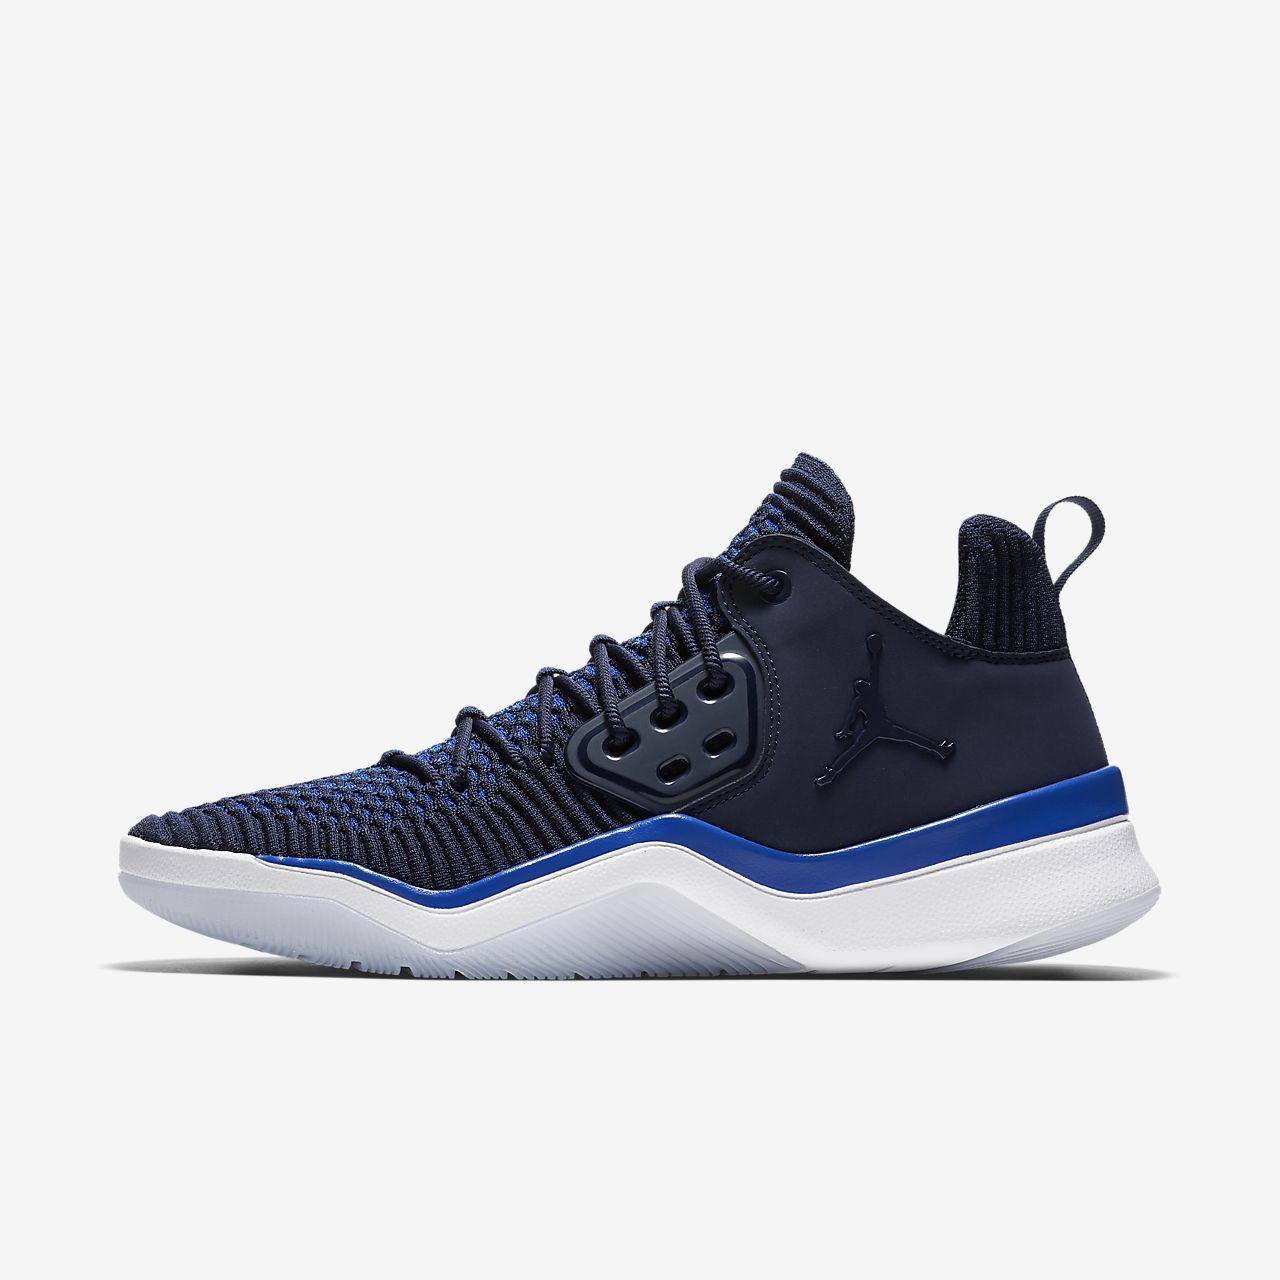 Jordan DNA LX 男子运动鞋